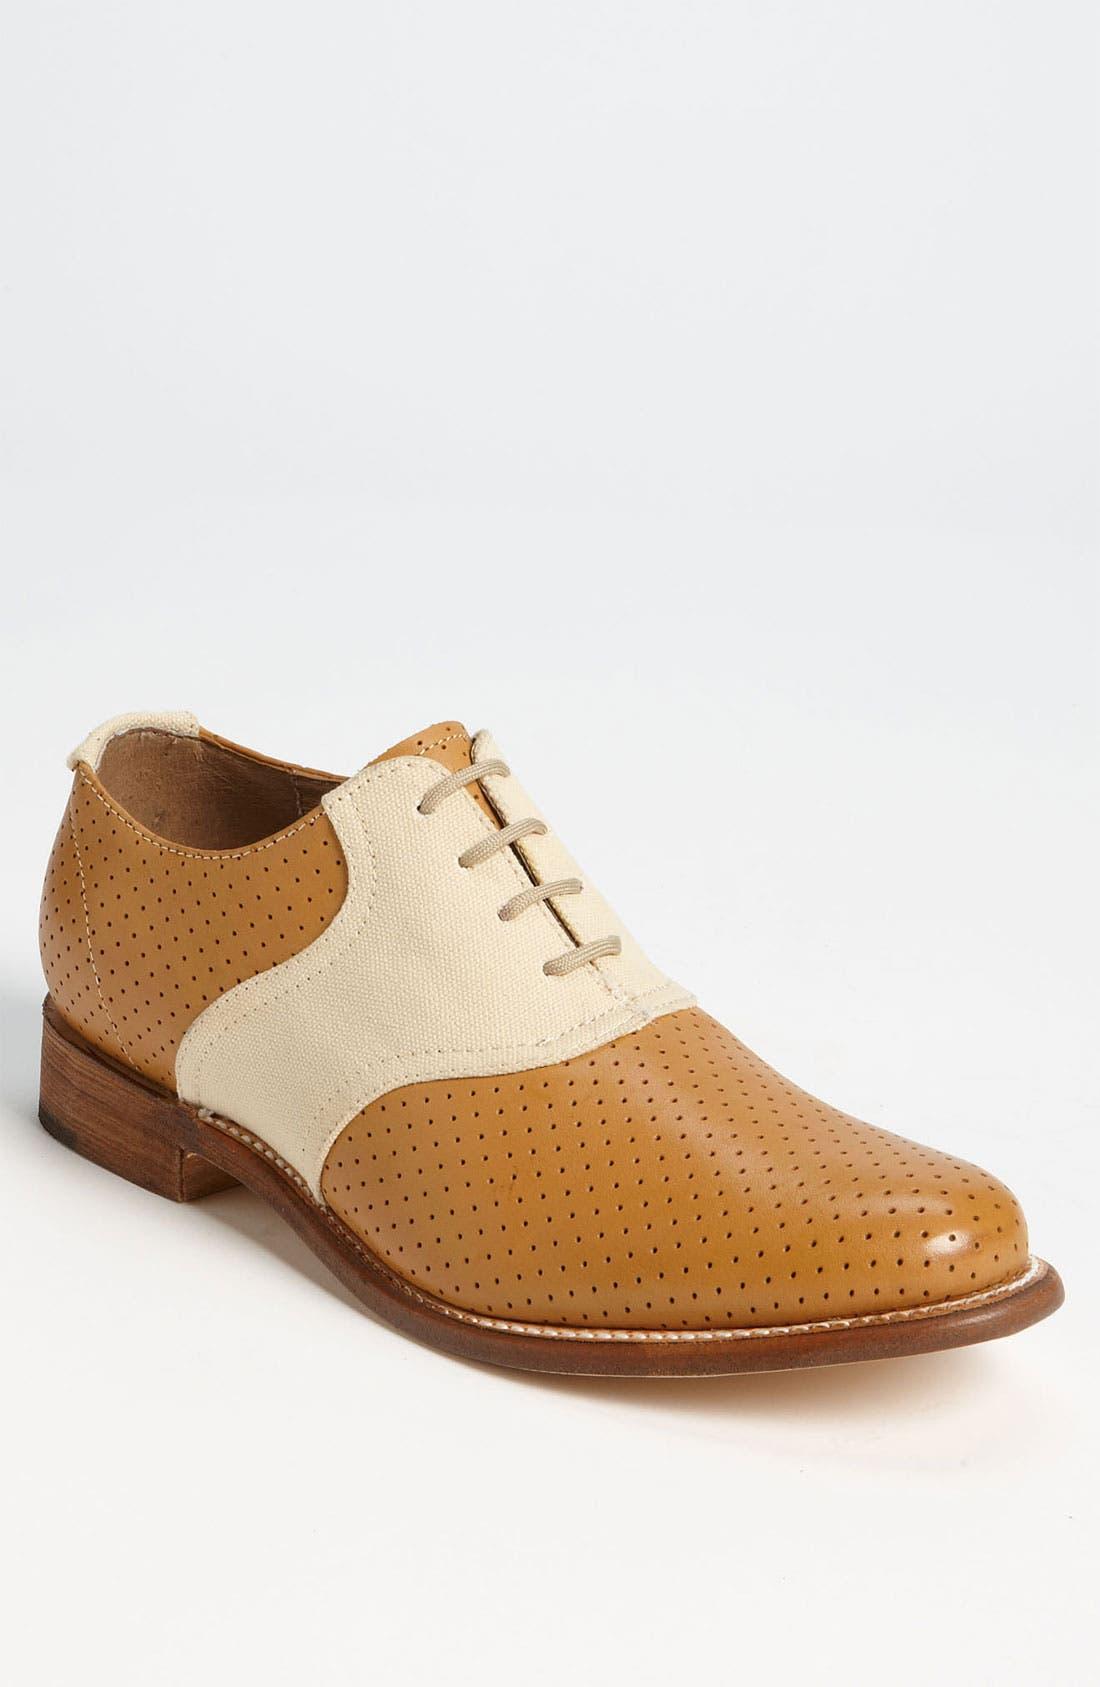 Alternate Image 1 Selected - J.D. Fisk 'Nikko' Saddle Shoe